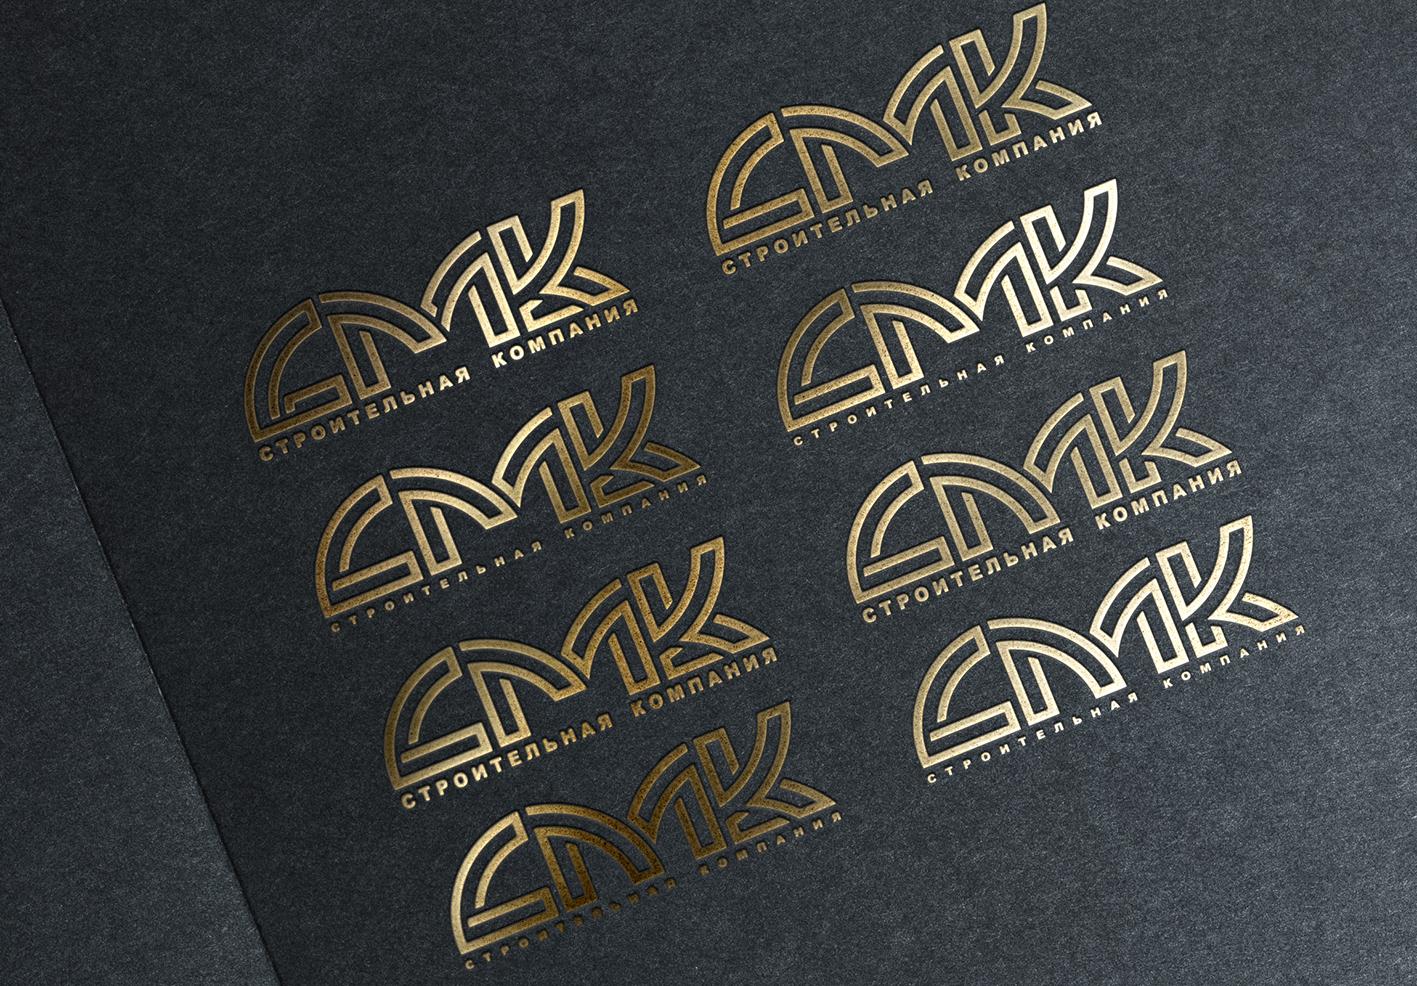 Разработка логотипа компании фото f_9425dc801823e516.jpg